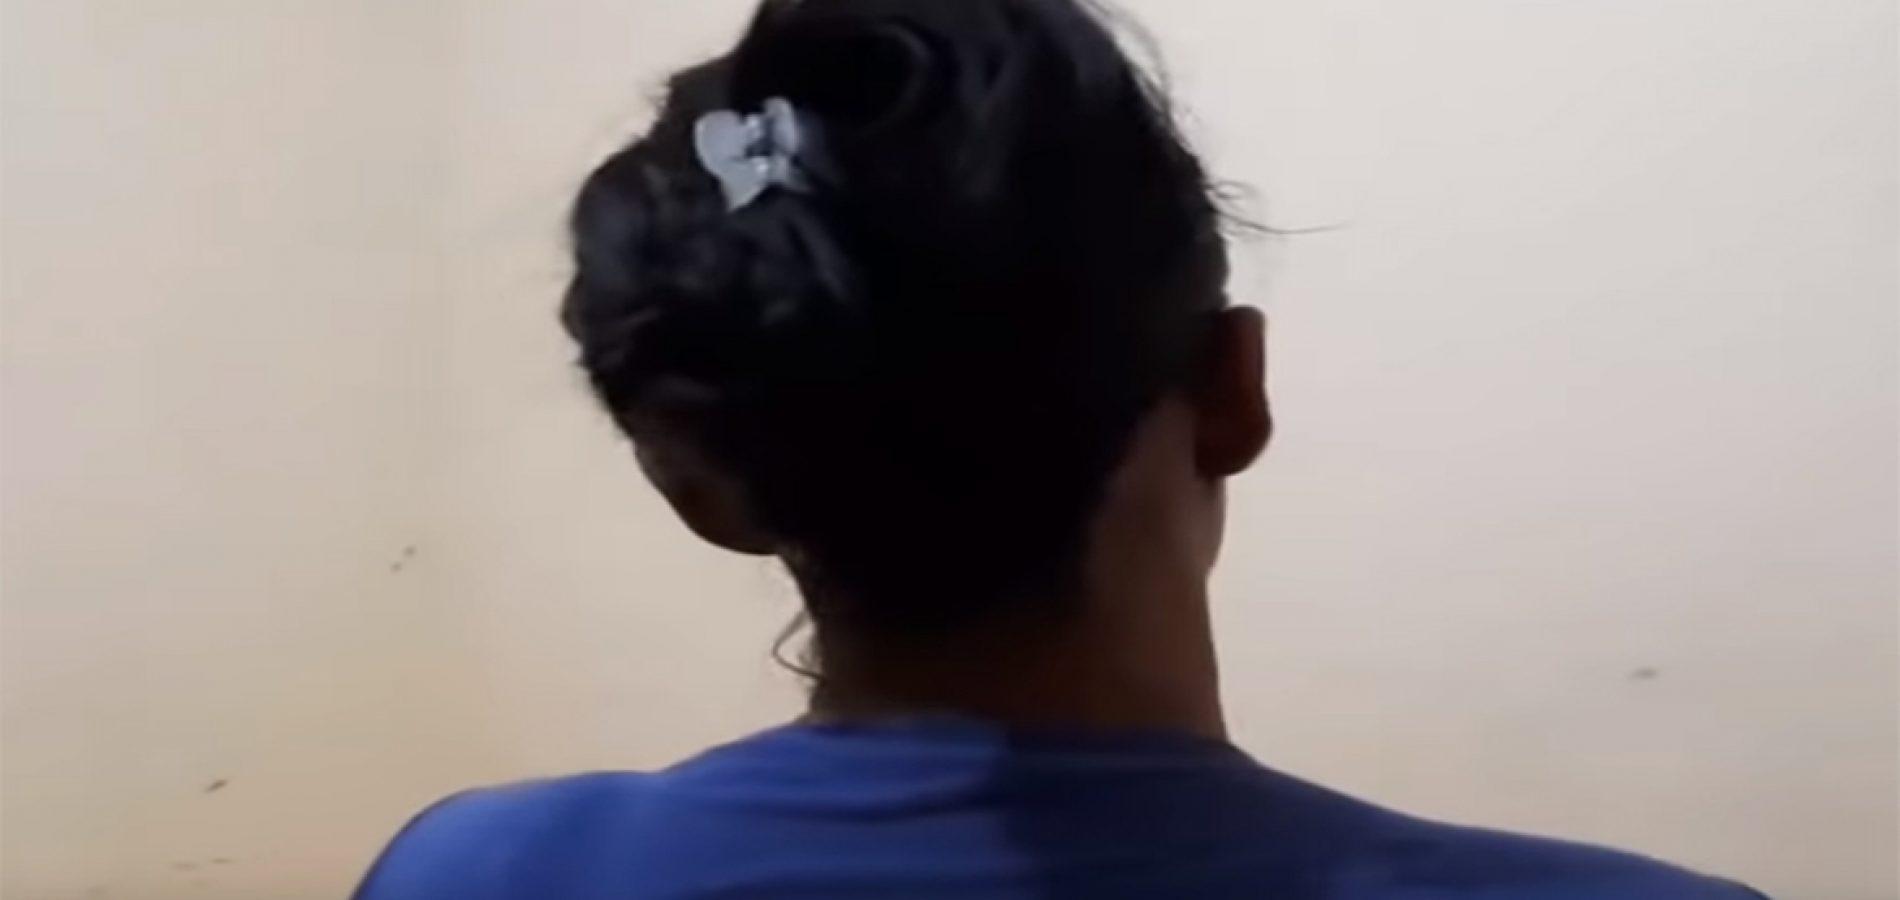 Mãe flagra filho com folhas na boca para não gritar em suposto estupro